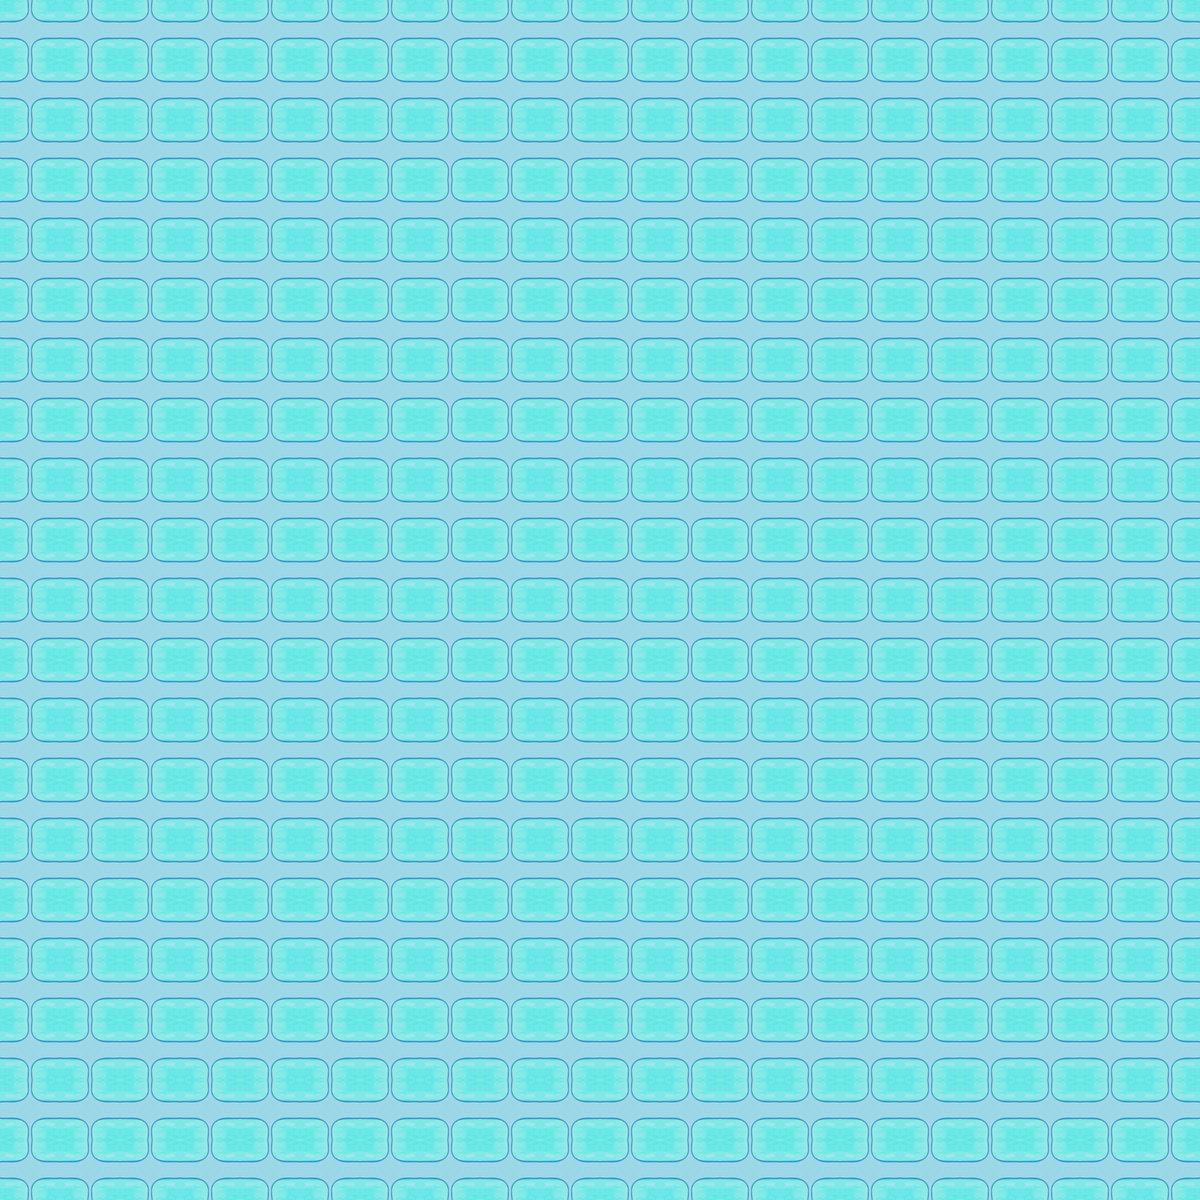 Паттерны и бесшовные текстуры бесплатно / Patterns and seamless textures for free, p_i_r_a_n_y_a - паттерн - спокойный голубой